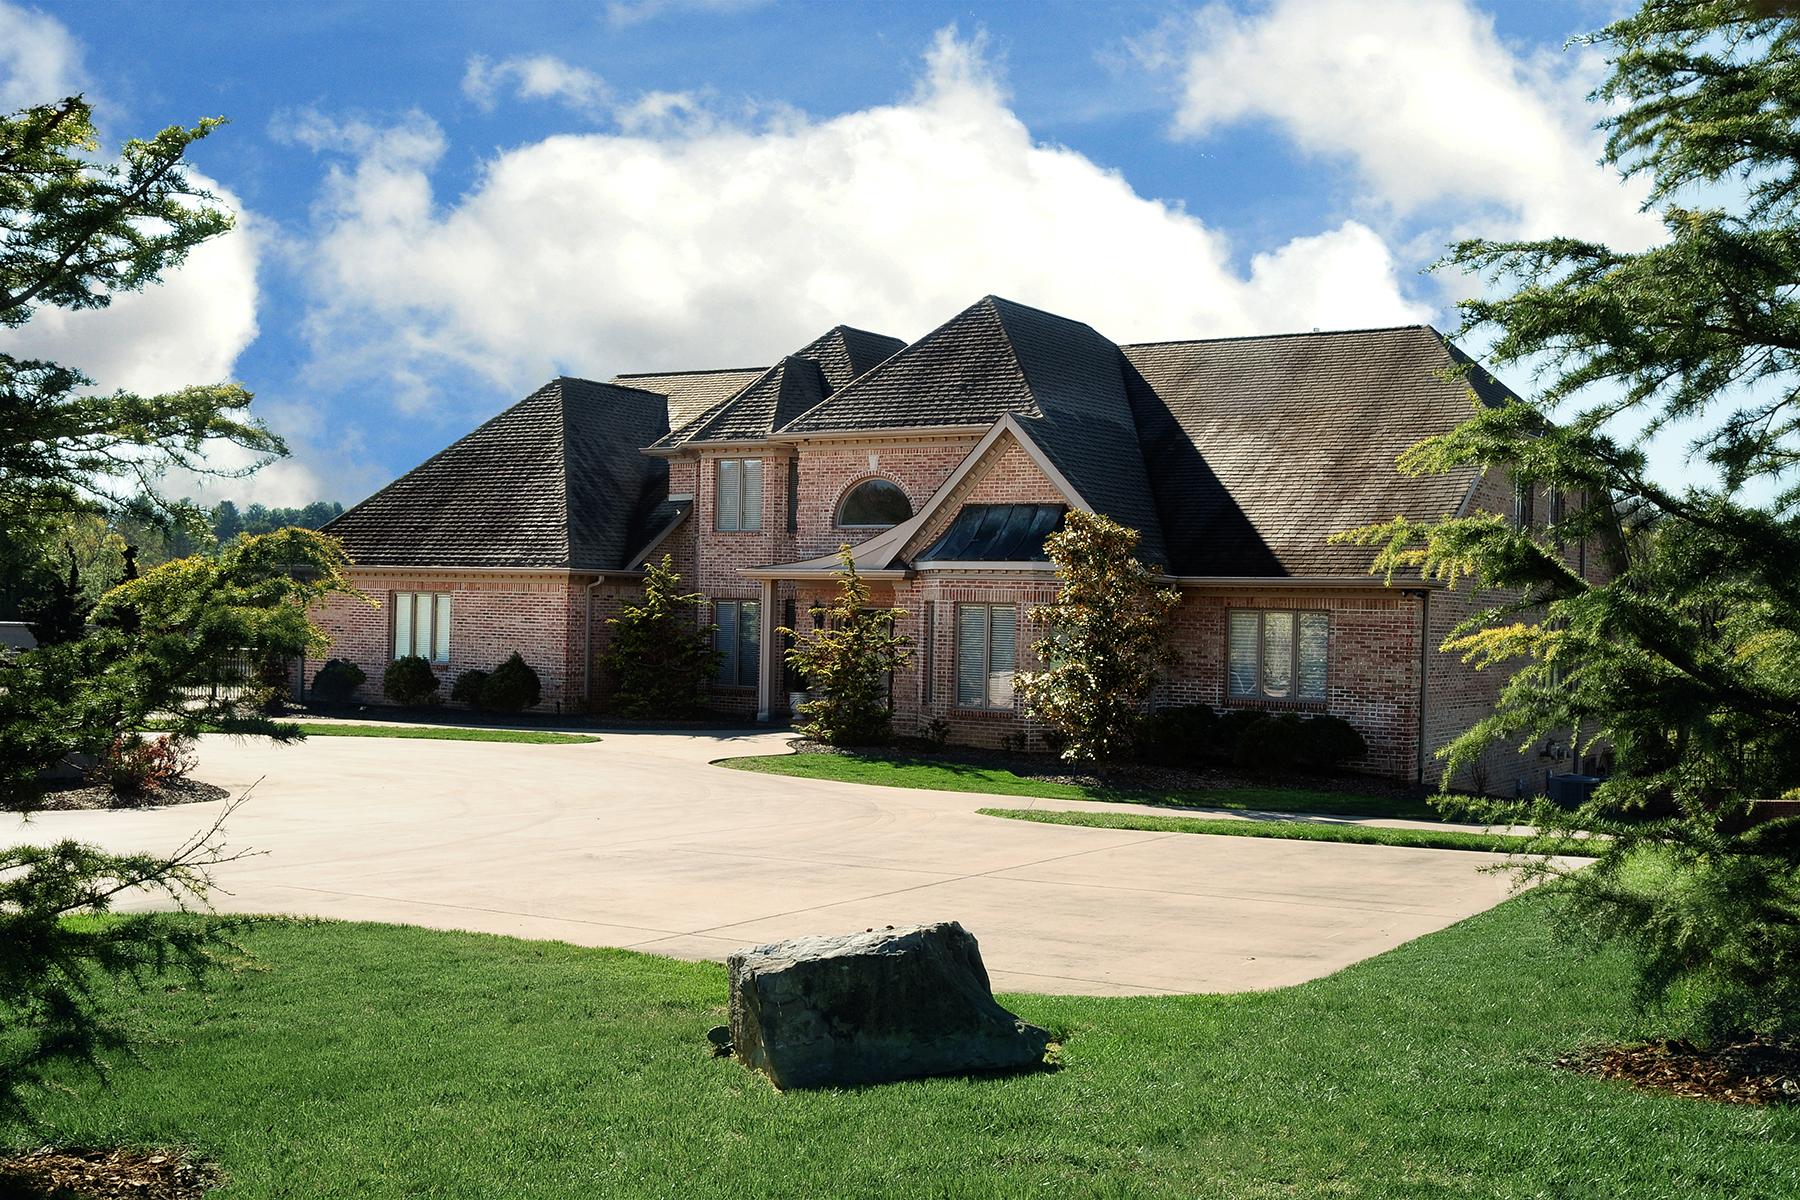 Villa per Vendita alle ore 2064 Feathers Chapel Road, Blountville, TN 37617 2064 Feathers Chapel Road Blountville, Tennessee, 37617 Stati Uniti